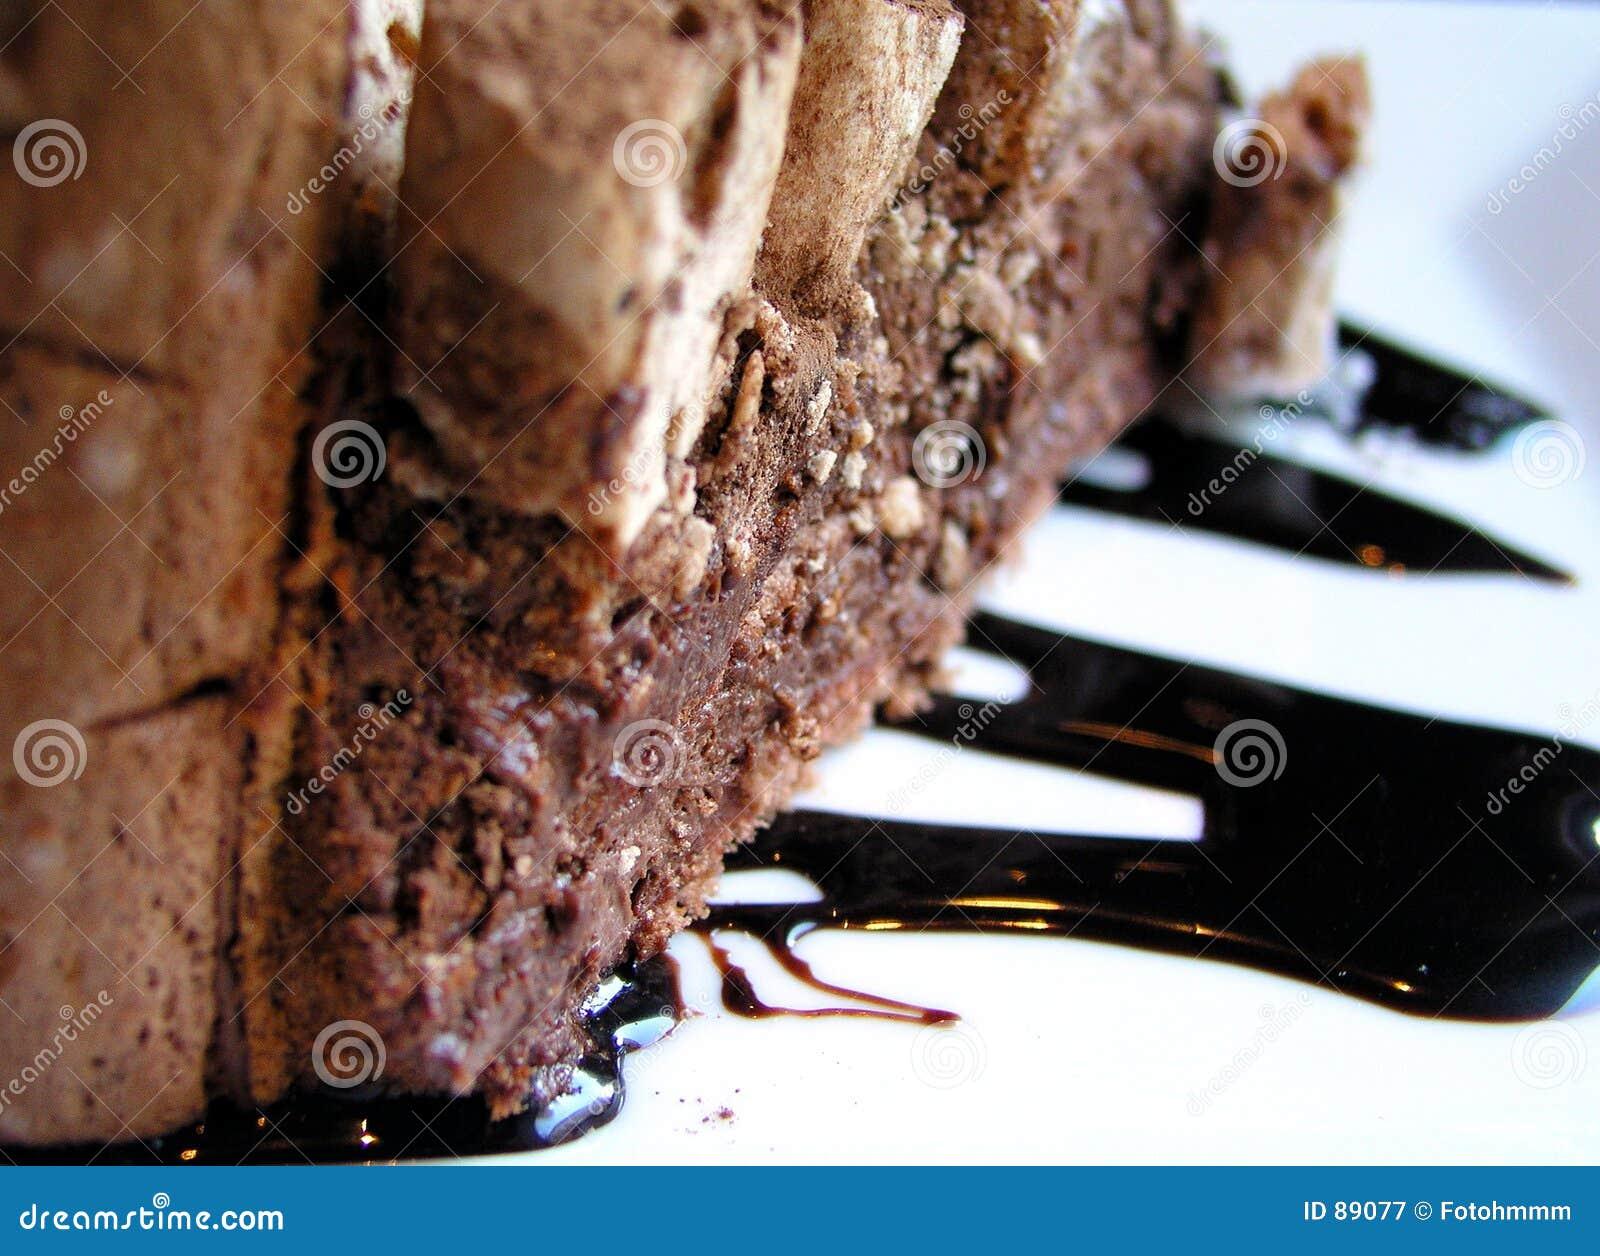 蛋糕巧克力咖啡螺母